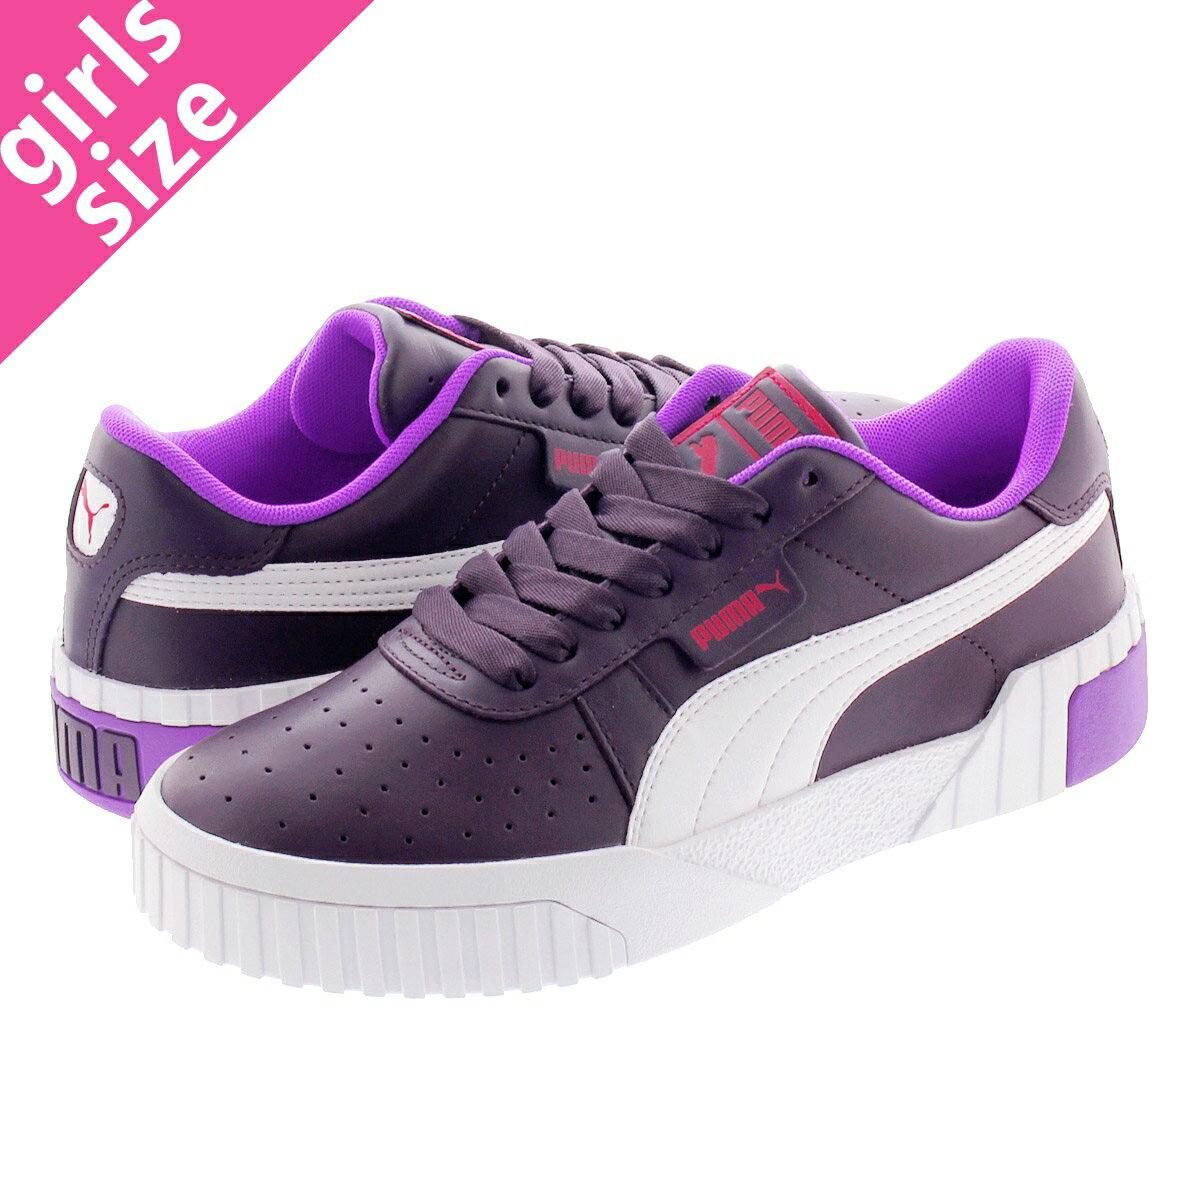 レディース靴, スニーカー PUMA CALI CHASE WNS PLUM PURPLENRGY ROSE 369970-01